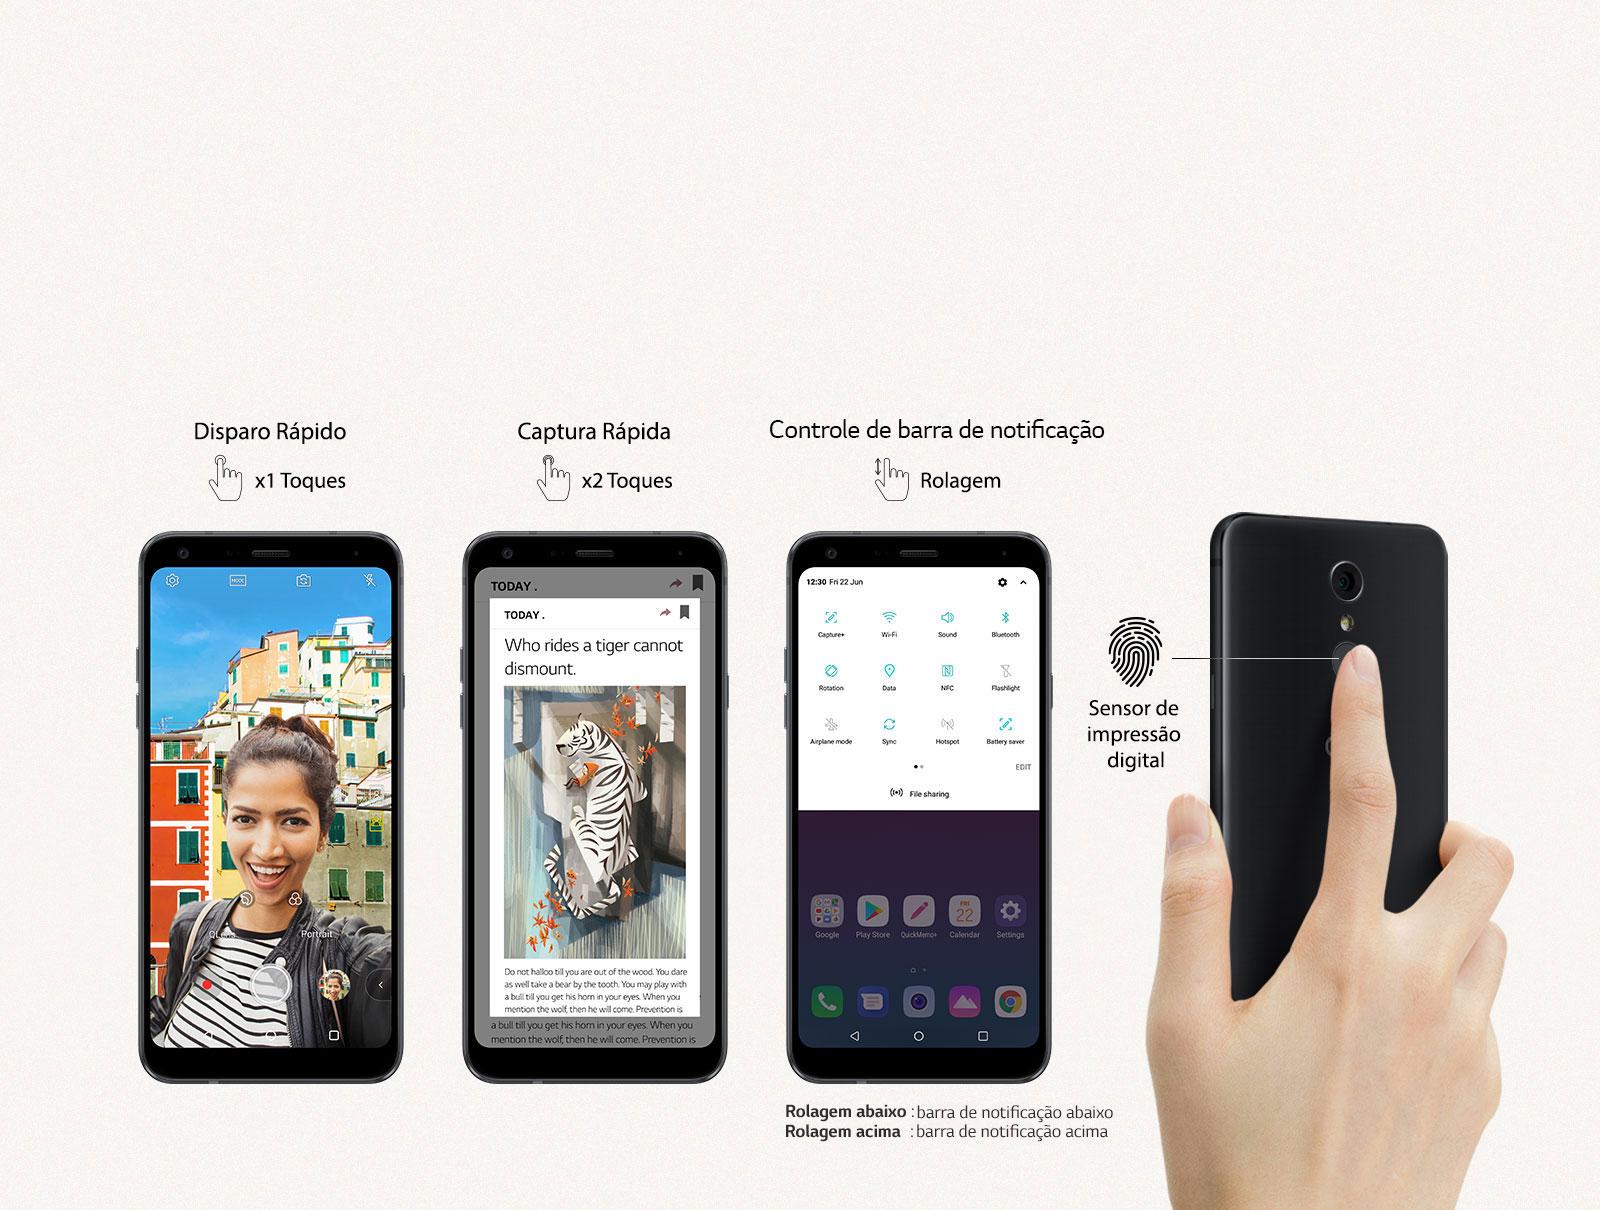 Botão traseiro - Para Desbloqueio por impressão digital e controlar notificações na tela